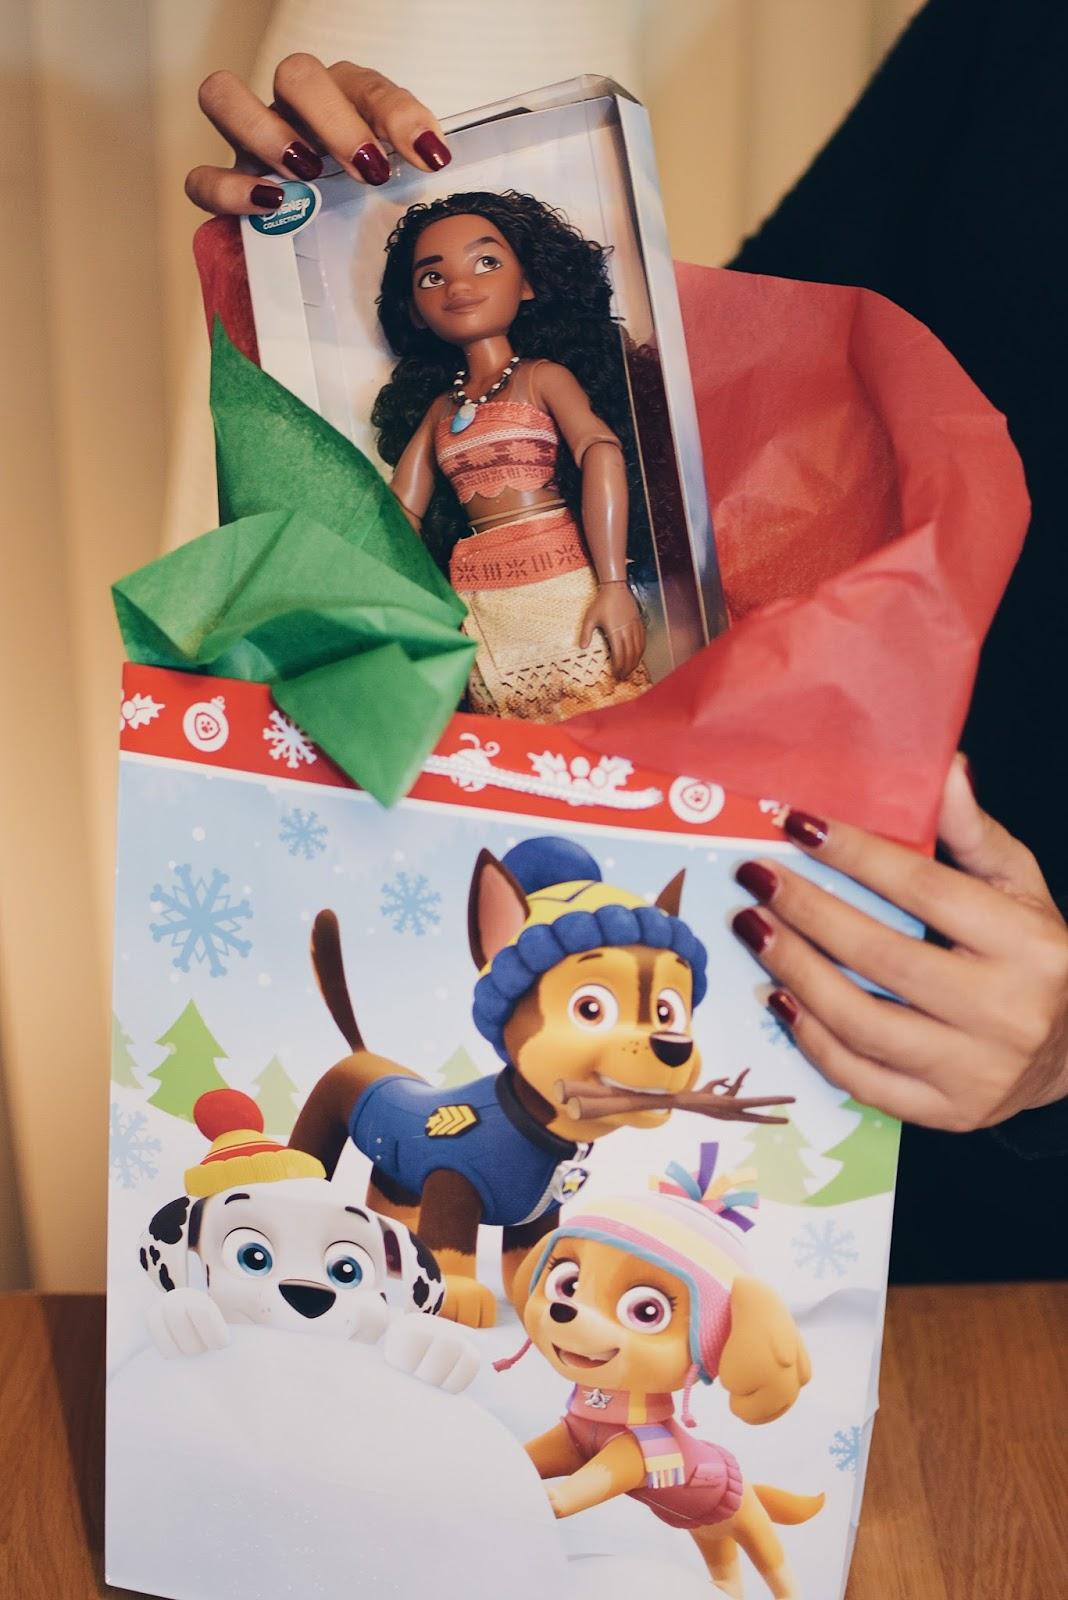 De Compras Navideñas, Ahorros Y Descuentos Con El JCPenney Holiday Challenge